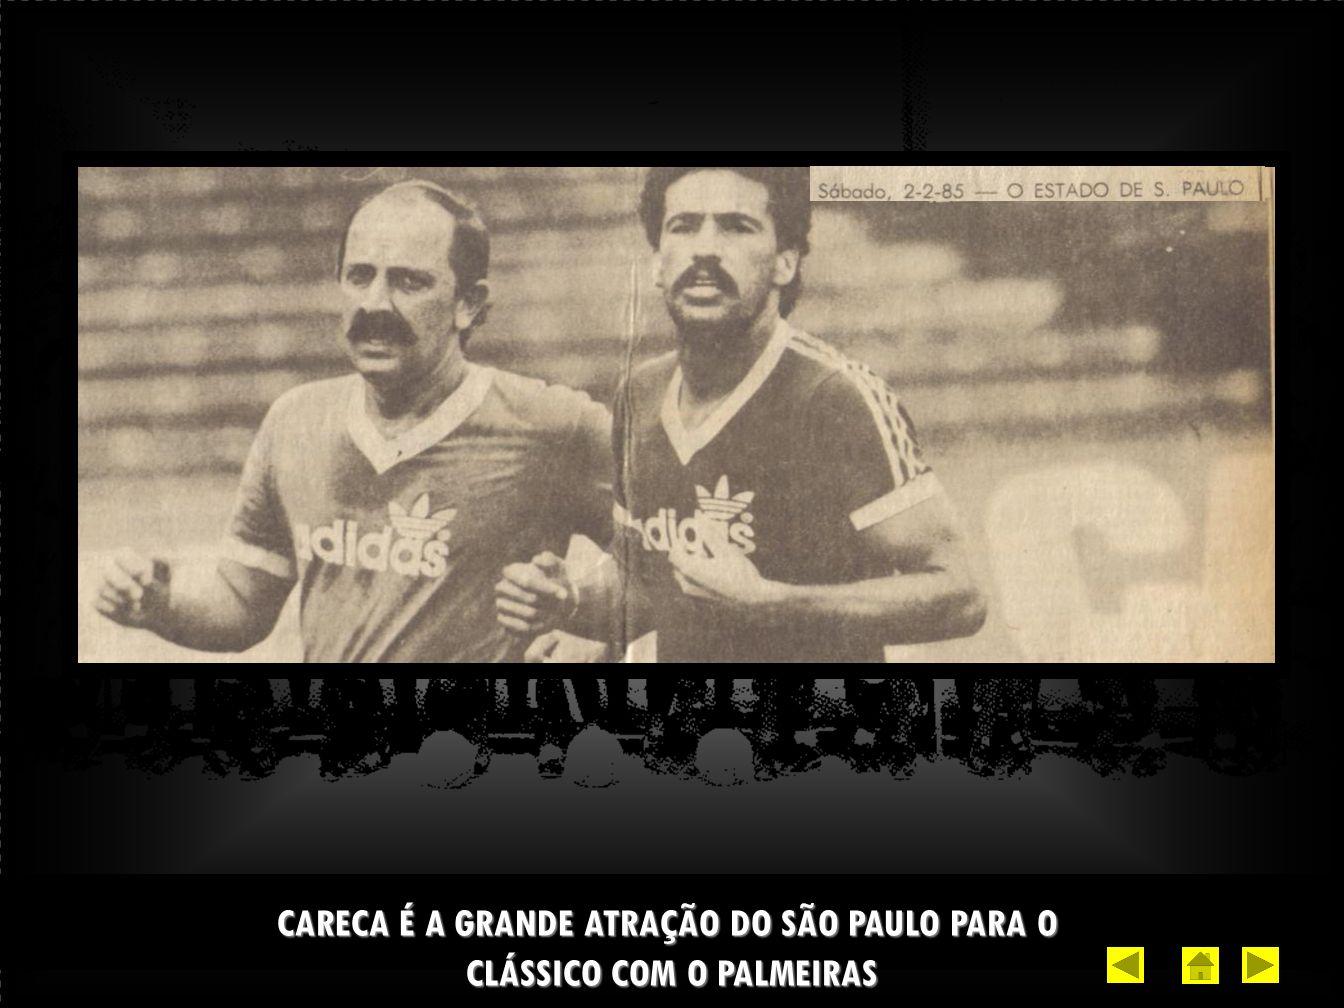 CARECA É A GRANDE ATRAÇÃO DO SÃO PAULO PARA O CLÁSSICO COM O PALMEIRAS